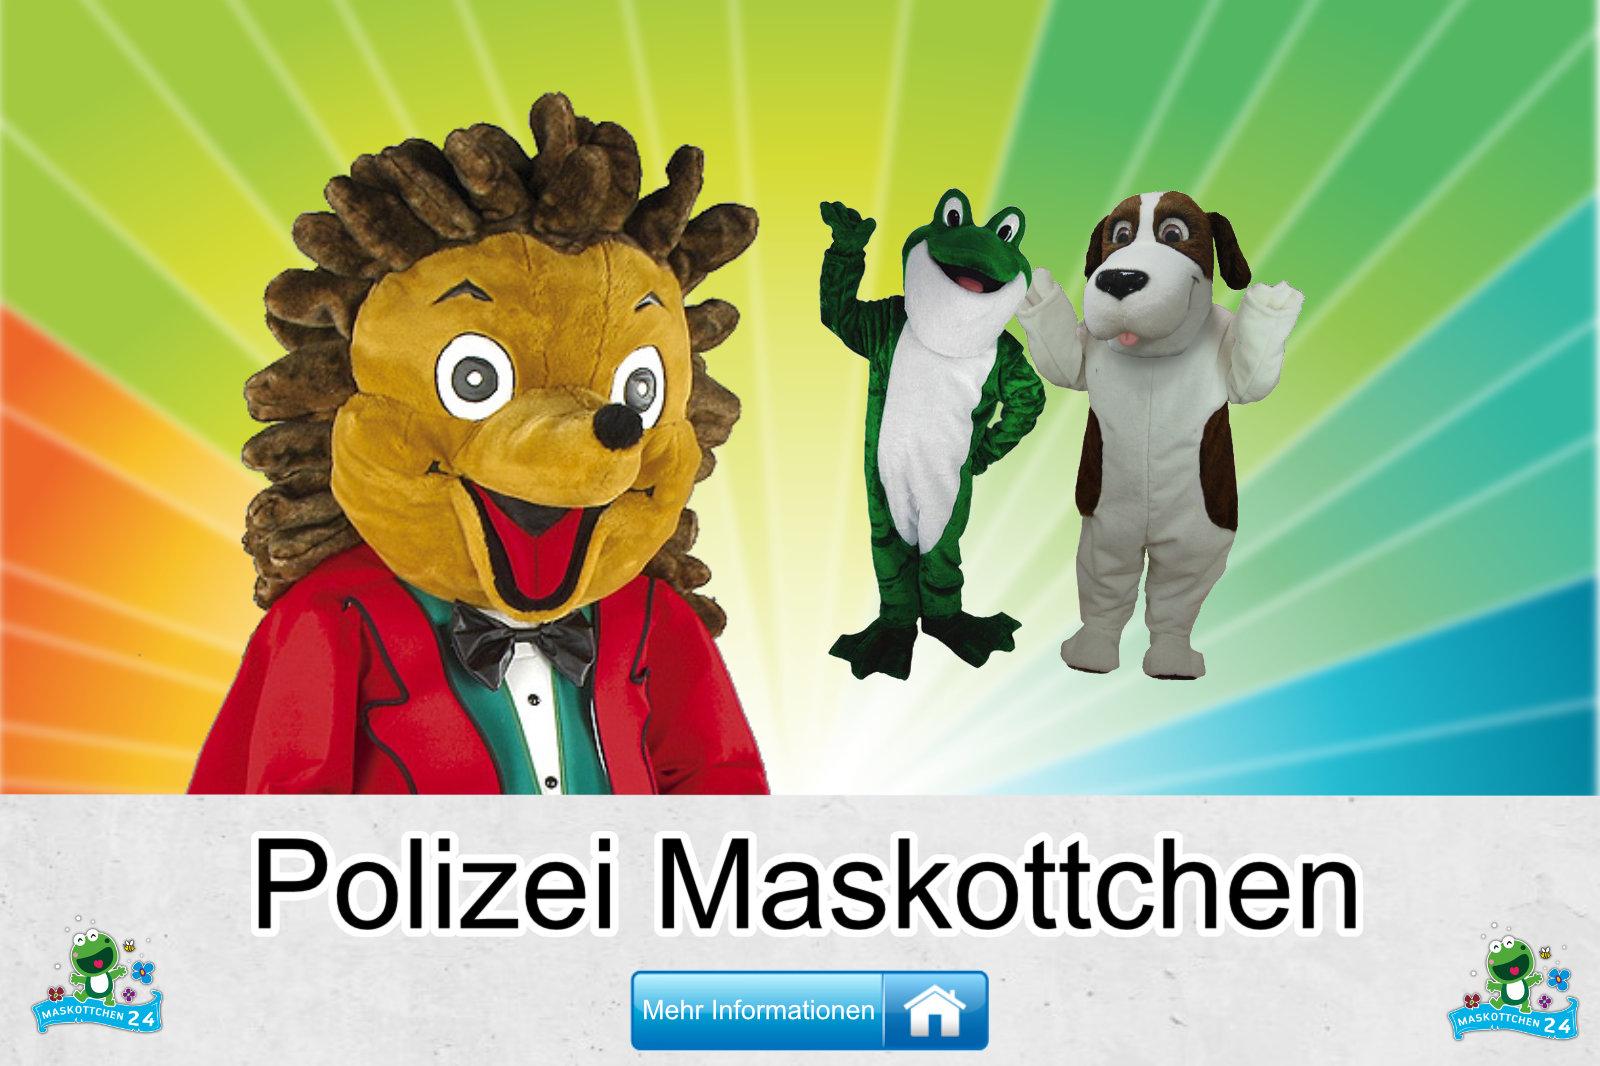 Kostüm Maskottchen Günstig-Kaufen Produktion Polizei